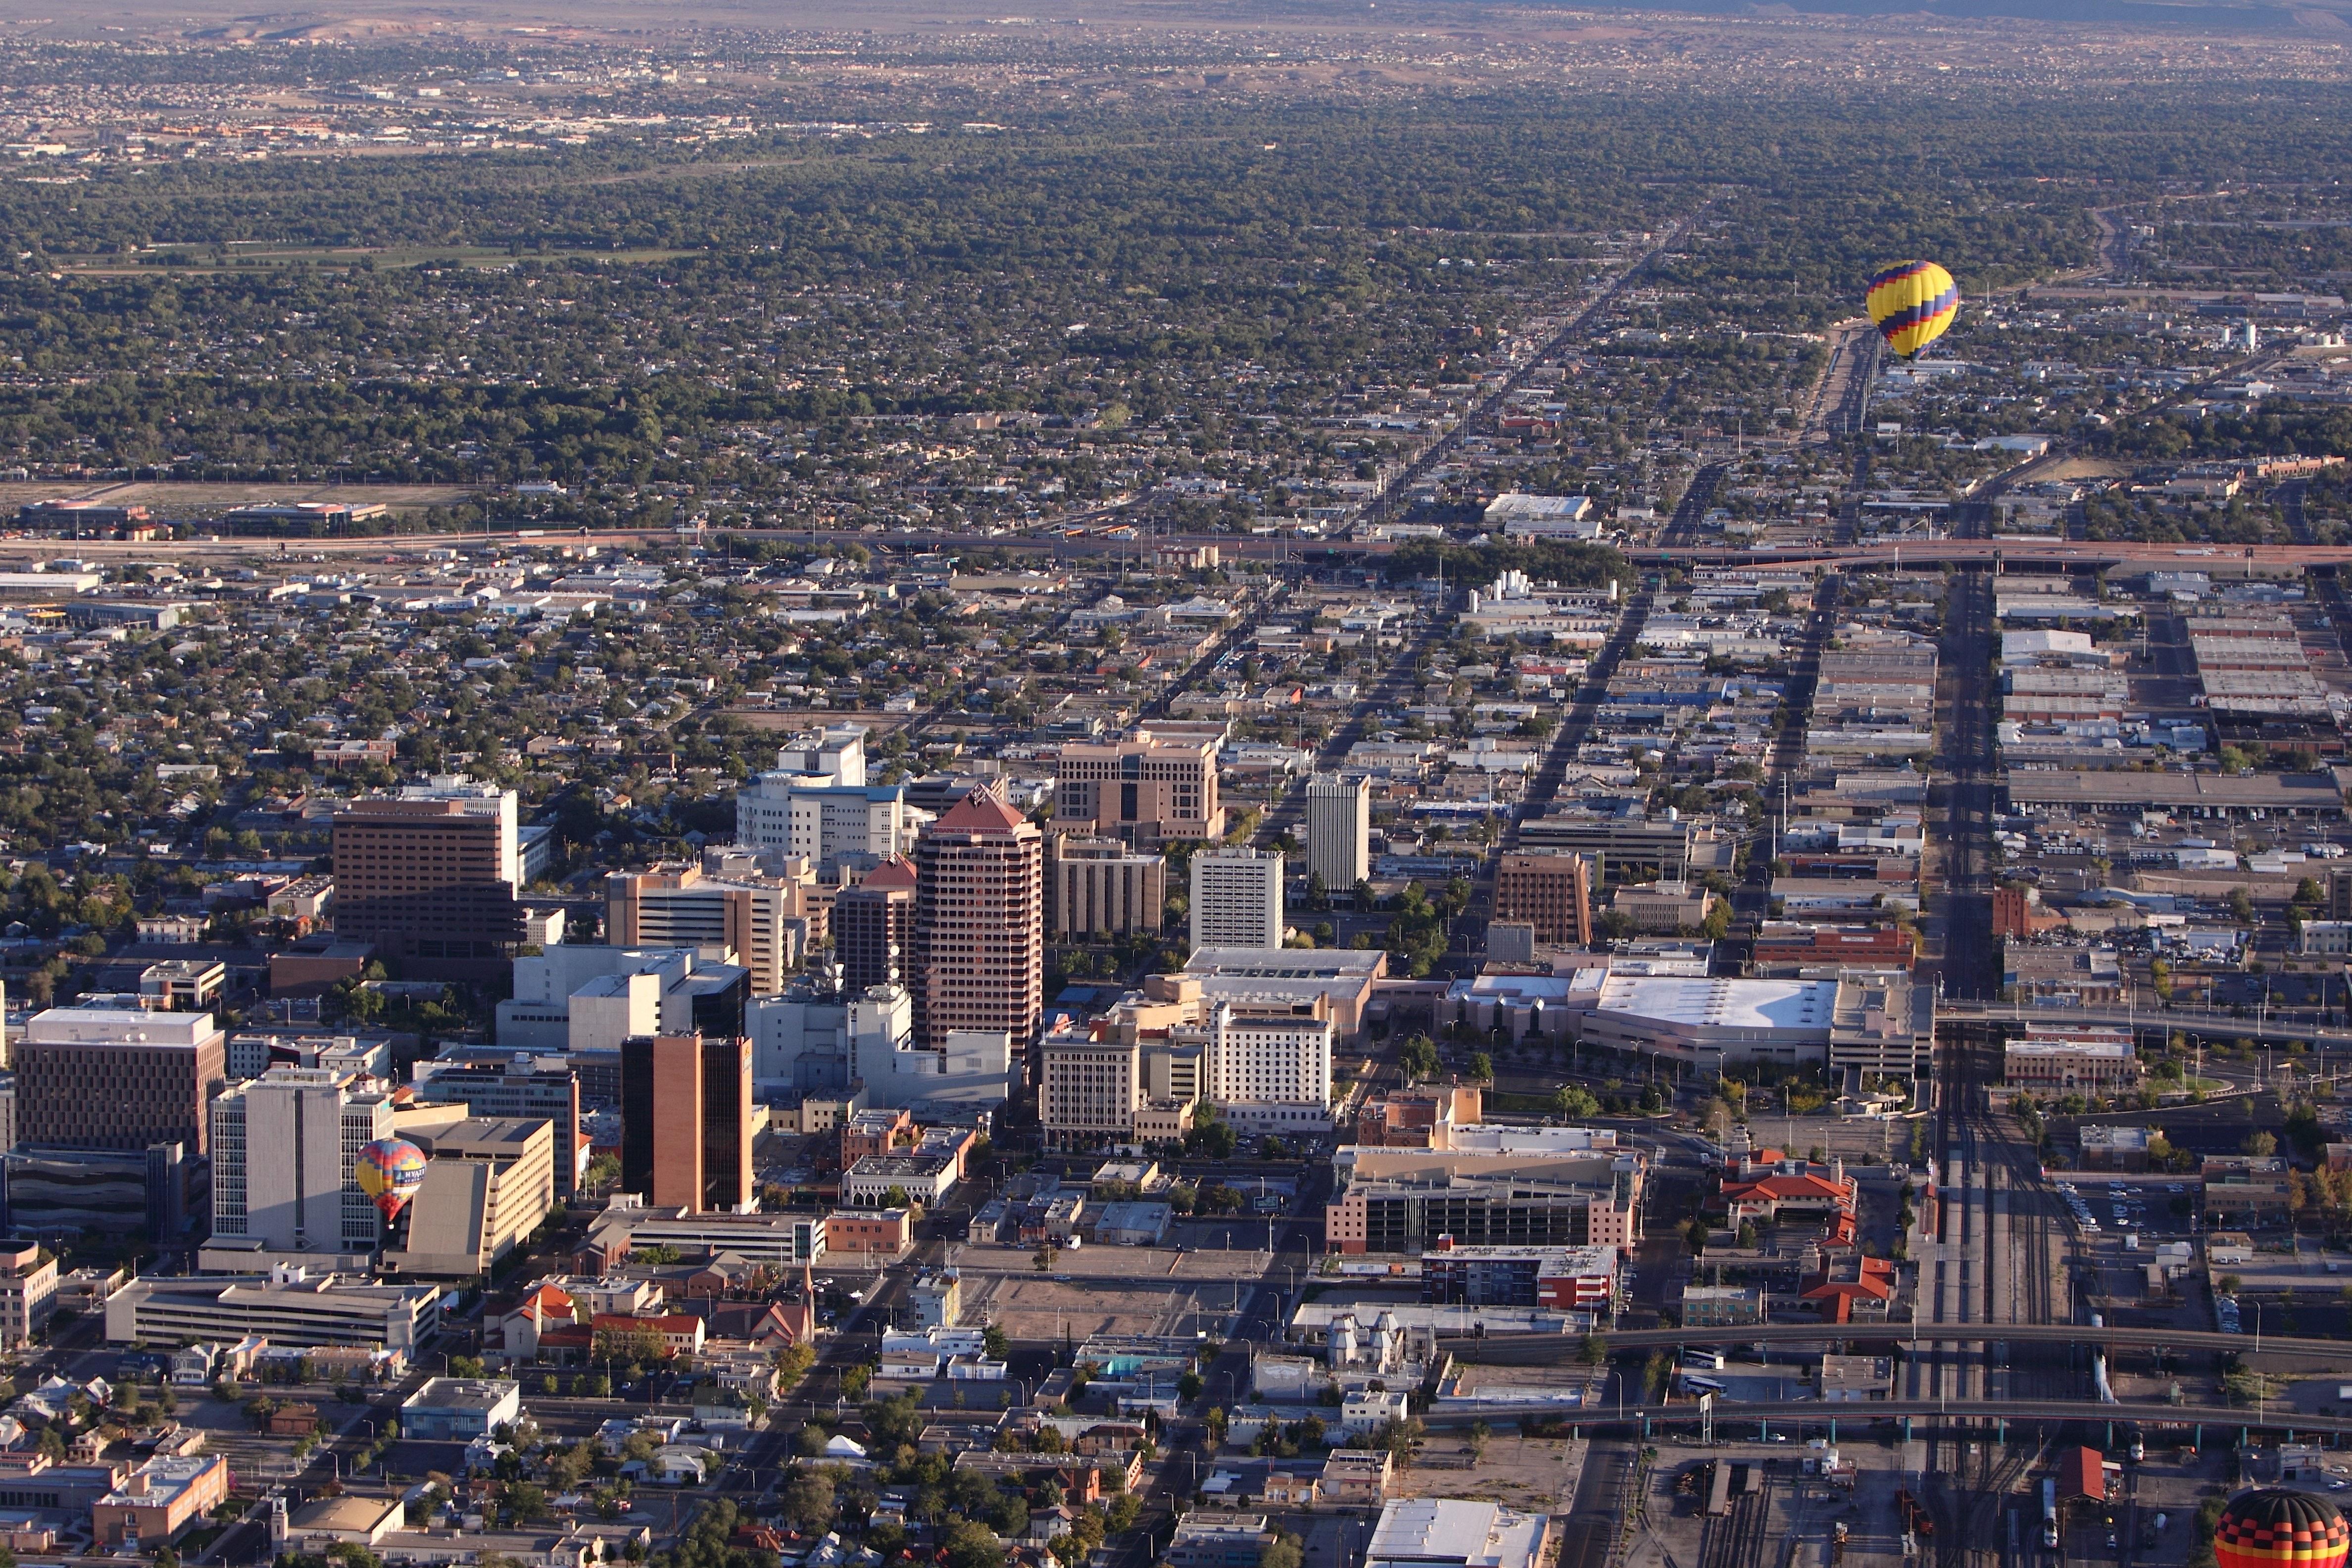 Skyline view of Albuquerque, NM.